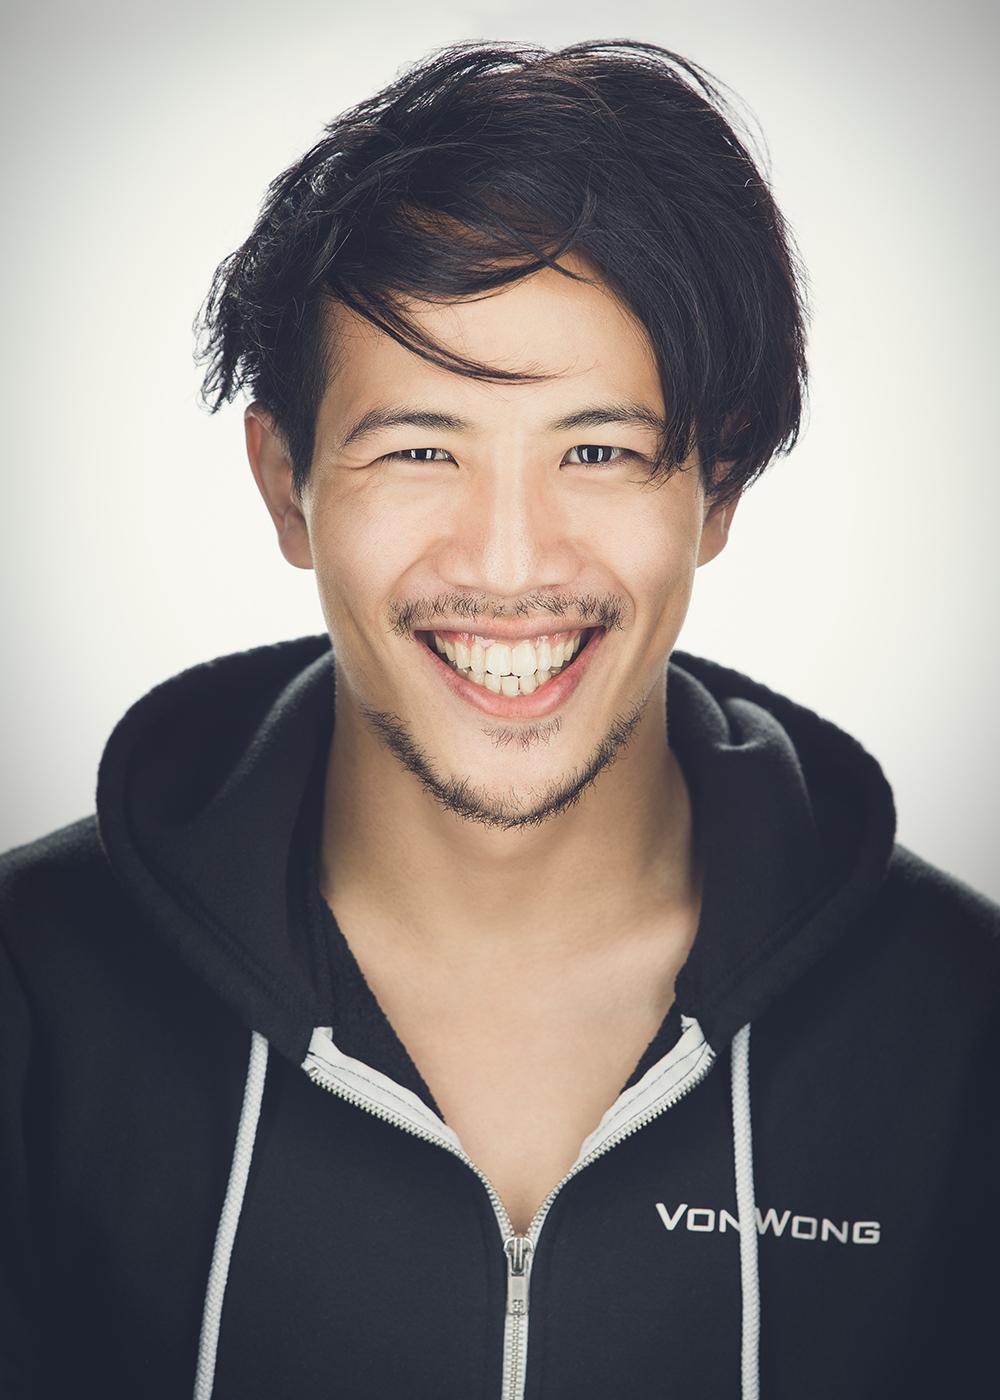 Ben Von Wong, Adventure Photographer